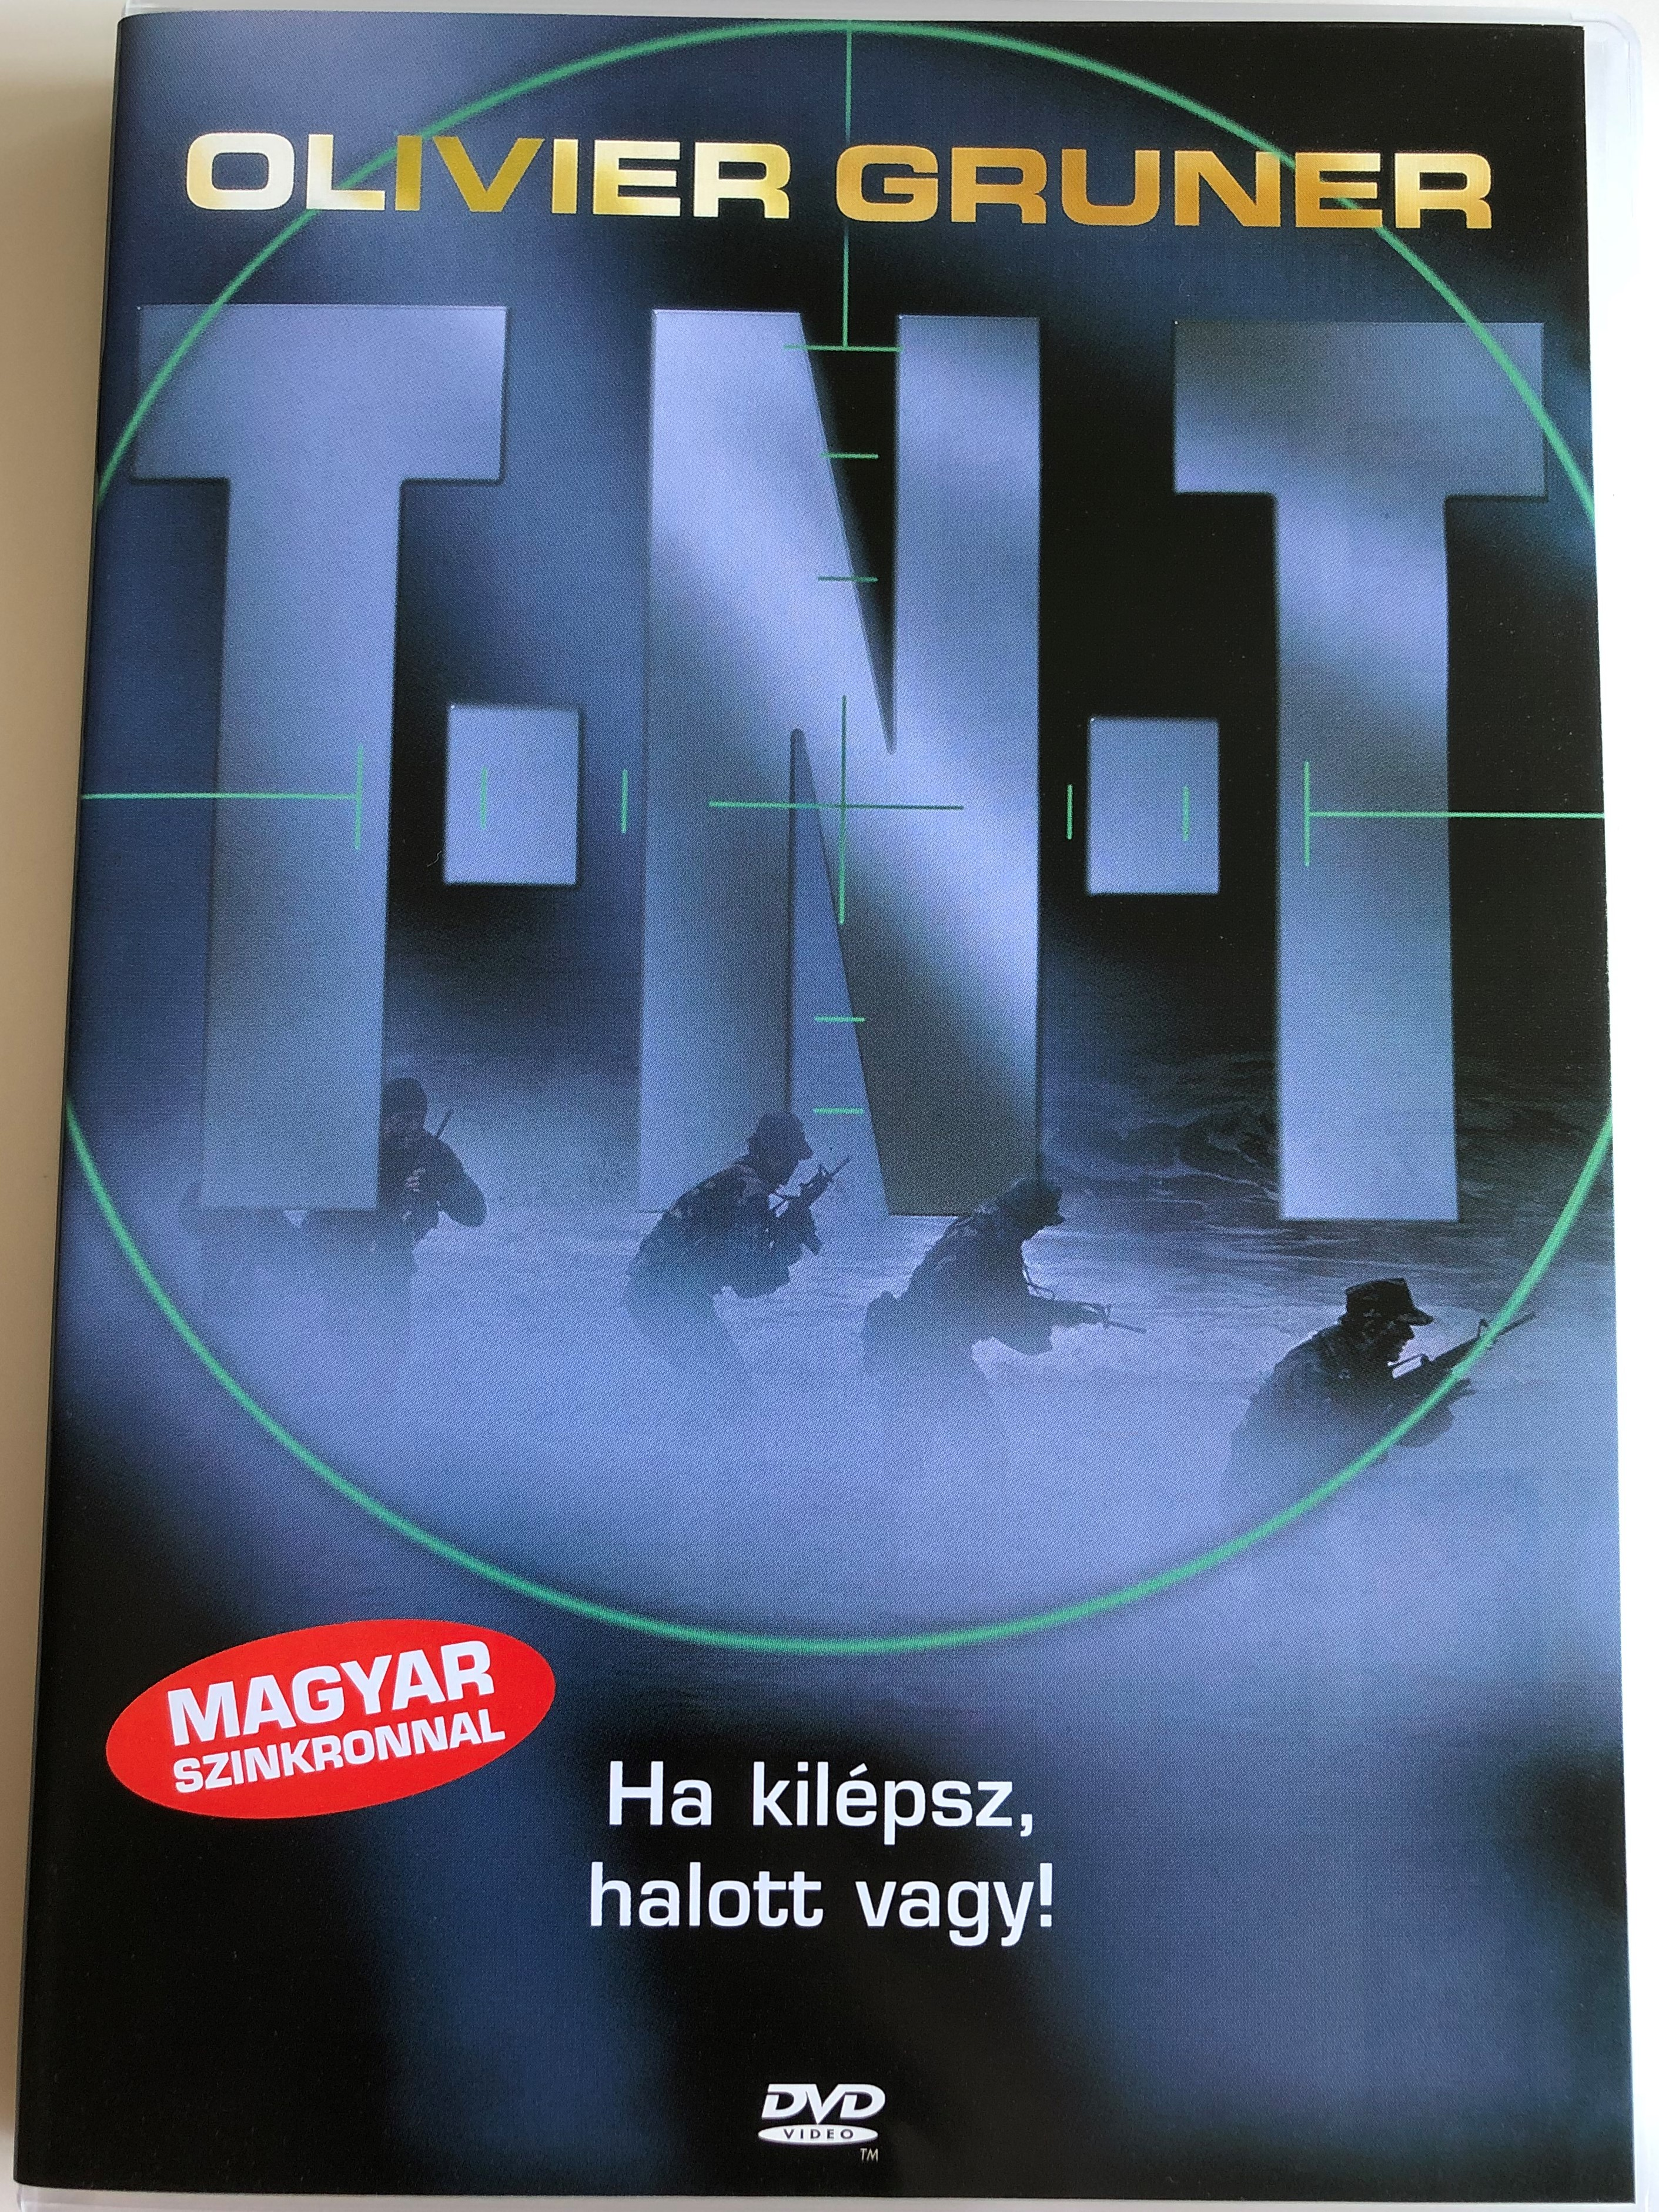 t.n.t-dvd-1998-directed-by-robert-radler-starring-olivier-gruner-eric-roberts-randy-travis-rebecca-stab-1-.jpg